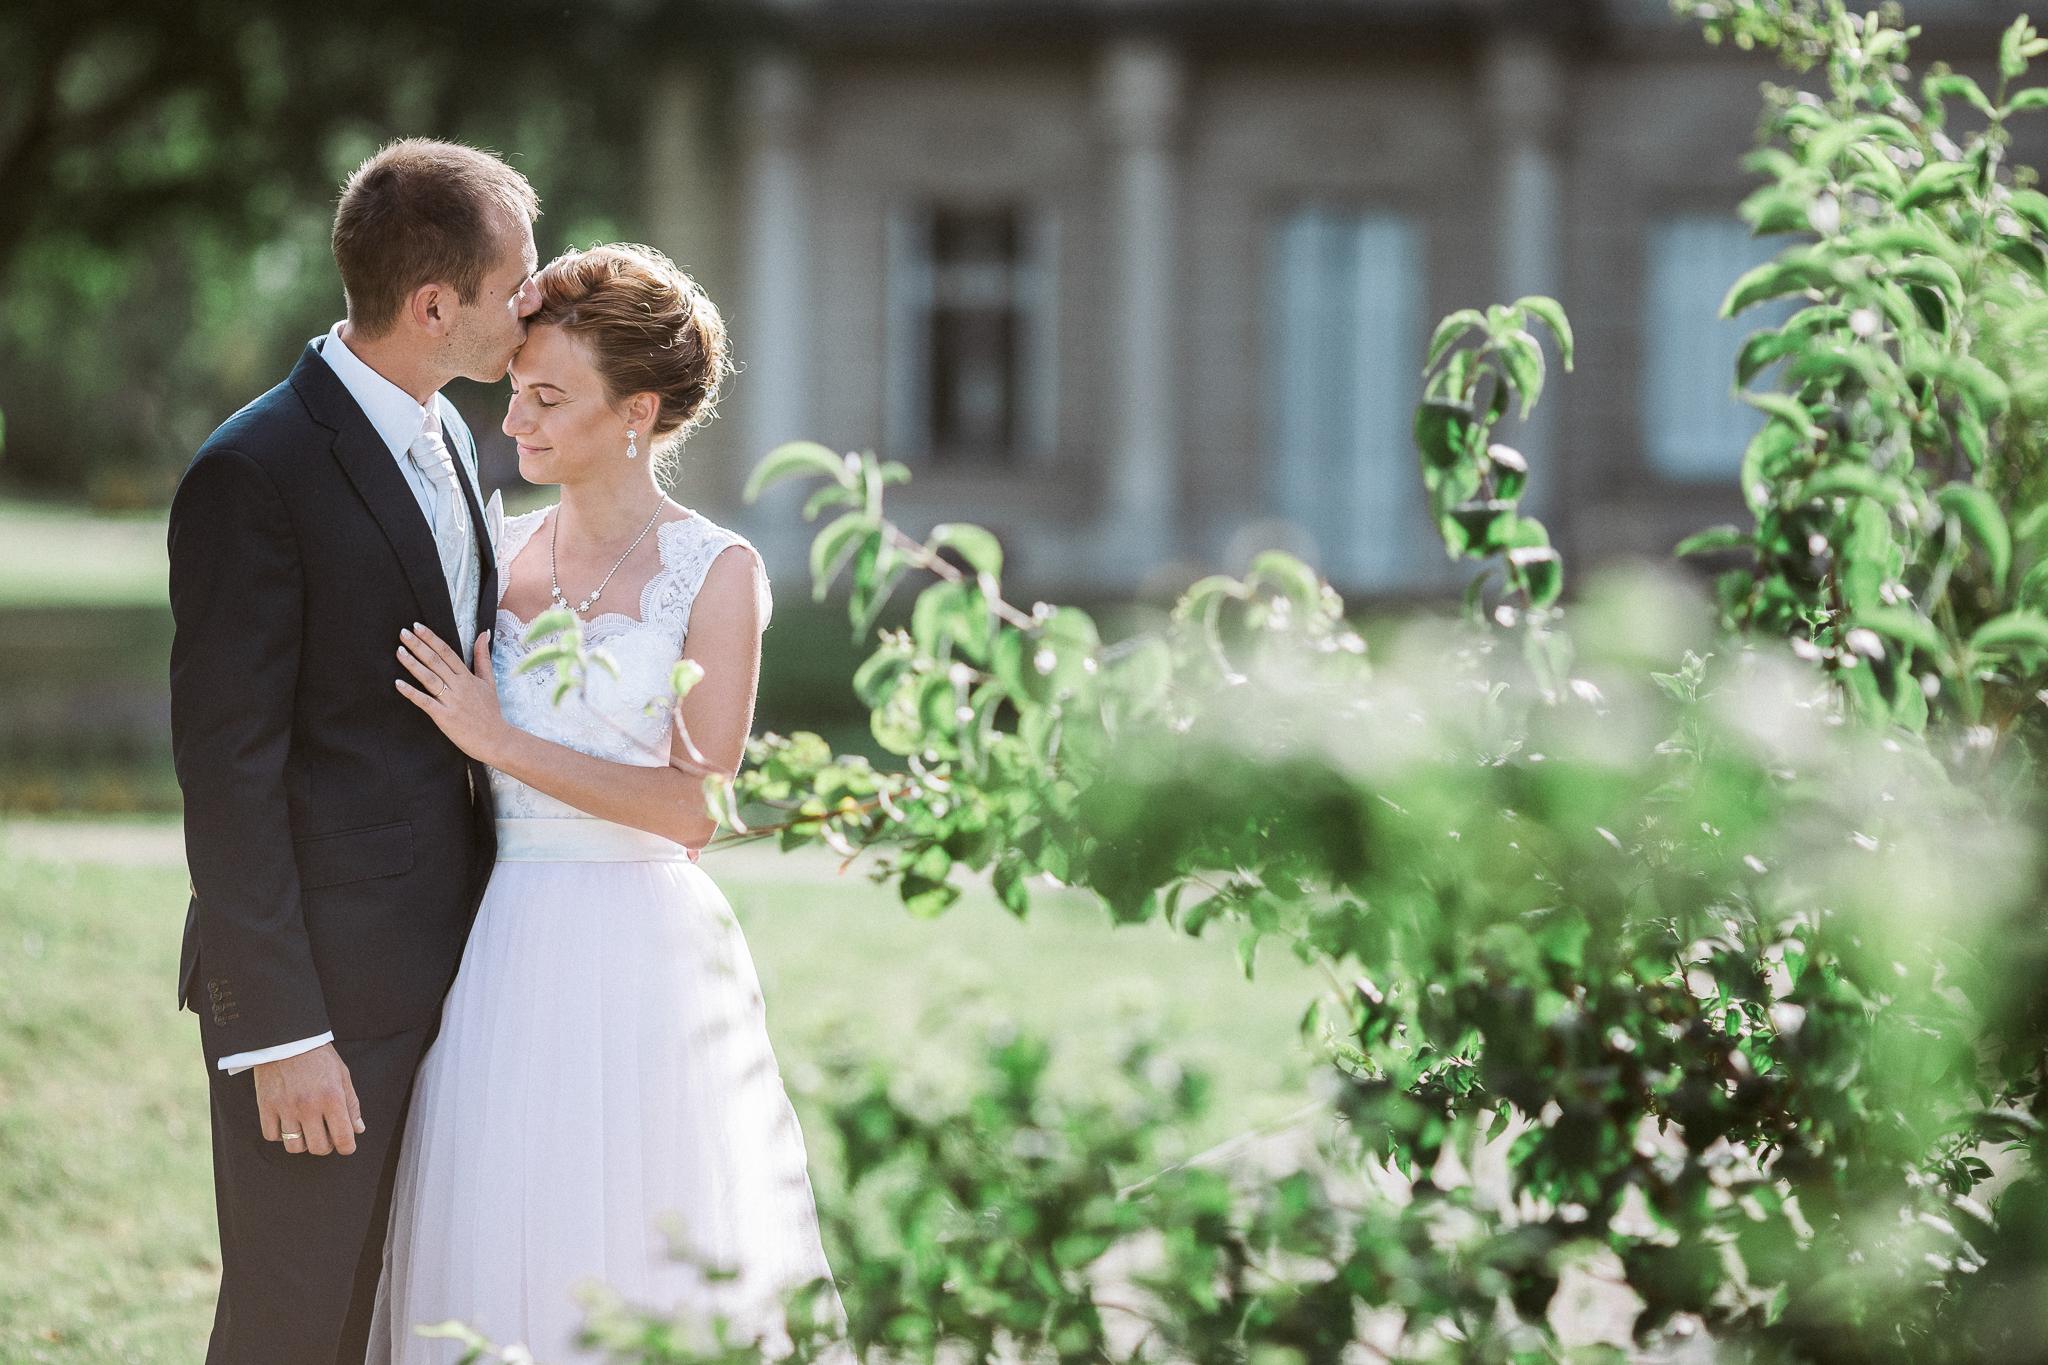 FylepPhoto, esküvőfotós, esküvői fotós Körmend, Szombathely, esküvőfotózás, magyarország, vas megye, prémium, jegyesfotózás, Fülöp Péter, körmend, kreatív, fotográfus_29-2.jpg